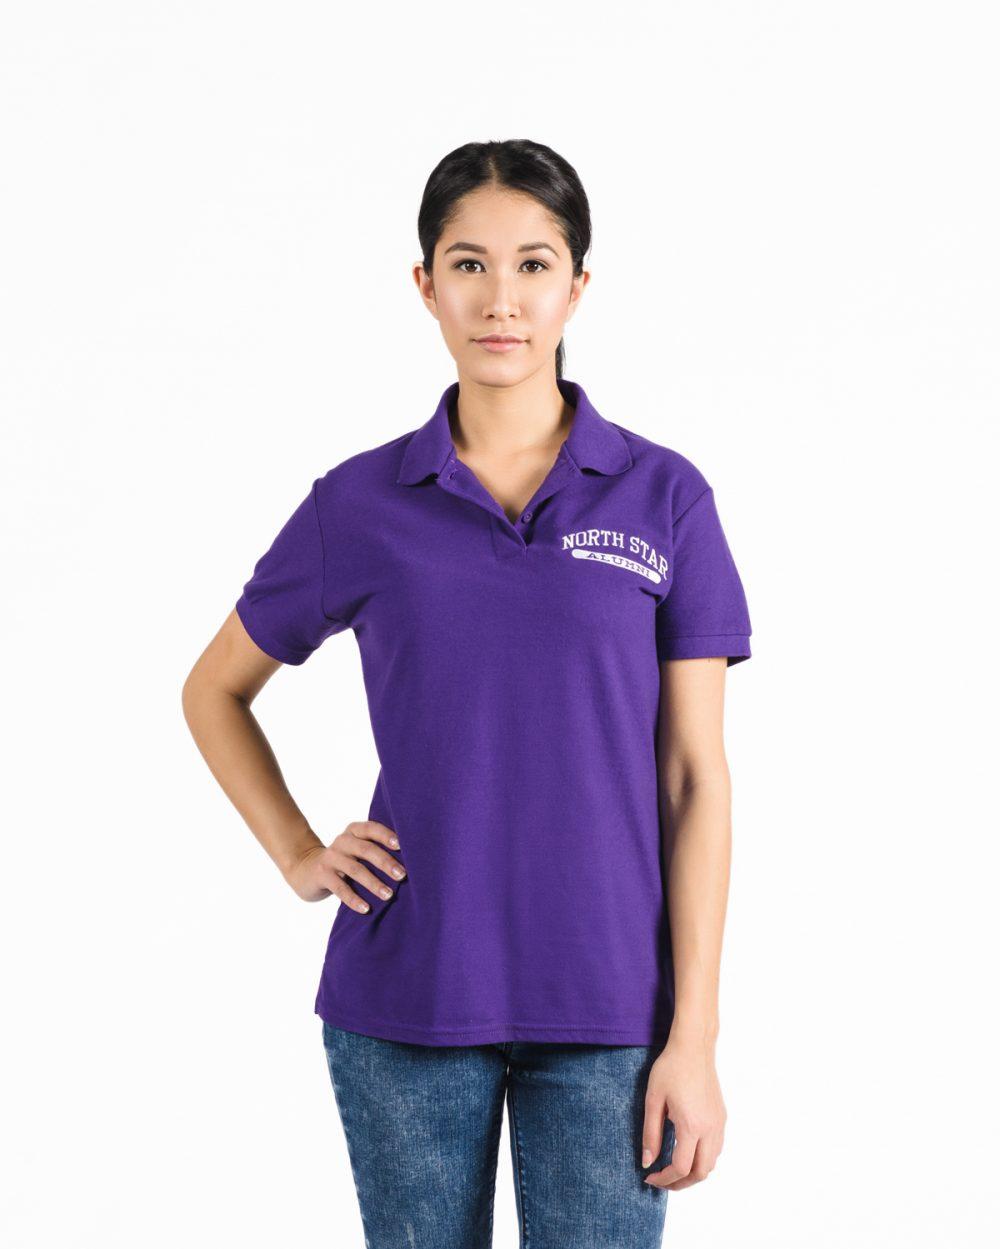 Women's Premium Golf Shirt 305 in purple.